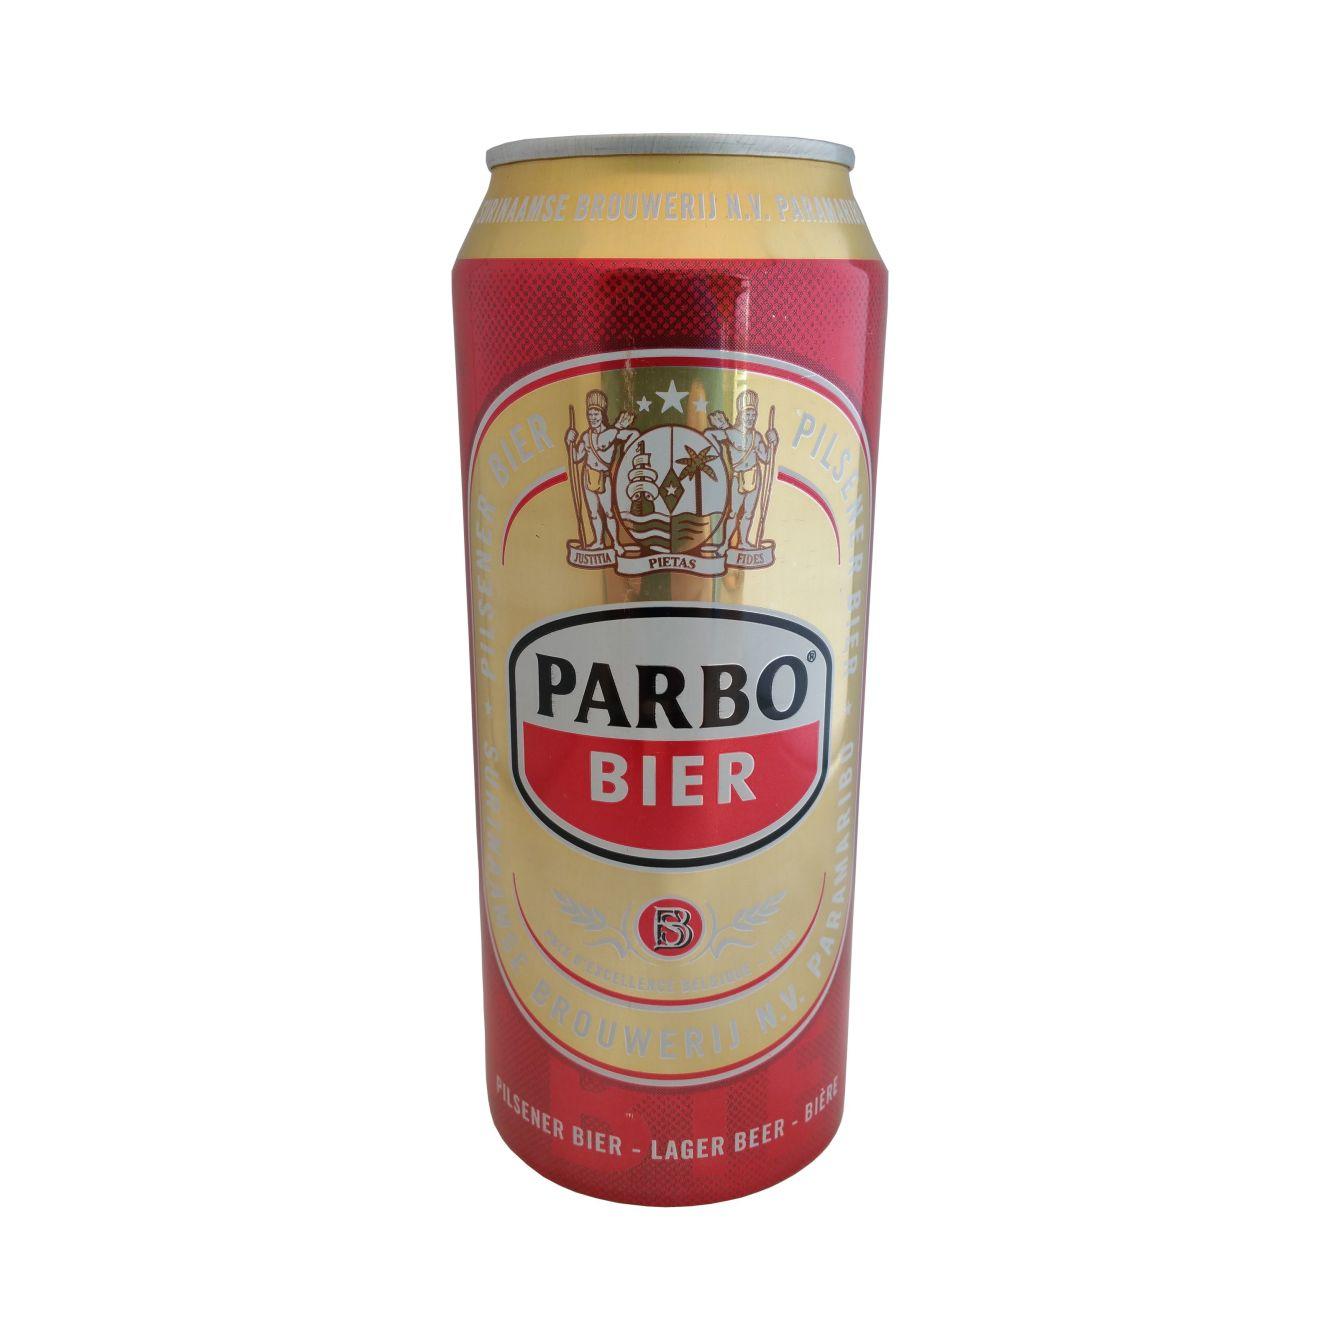 Parbo Bier Blik